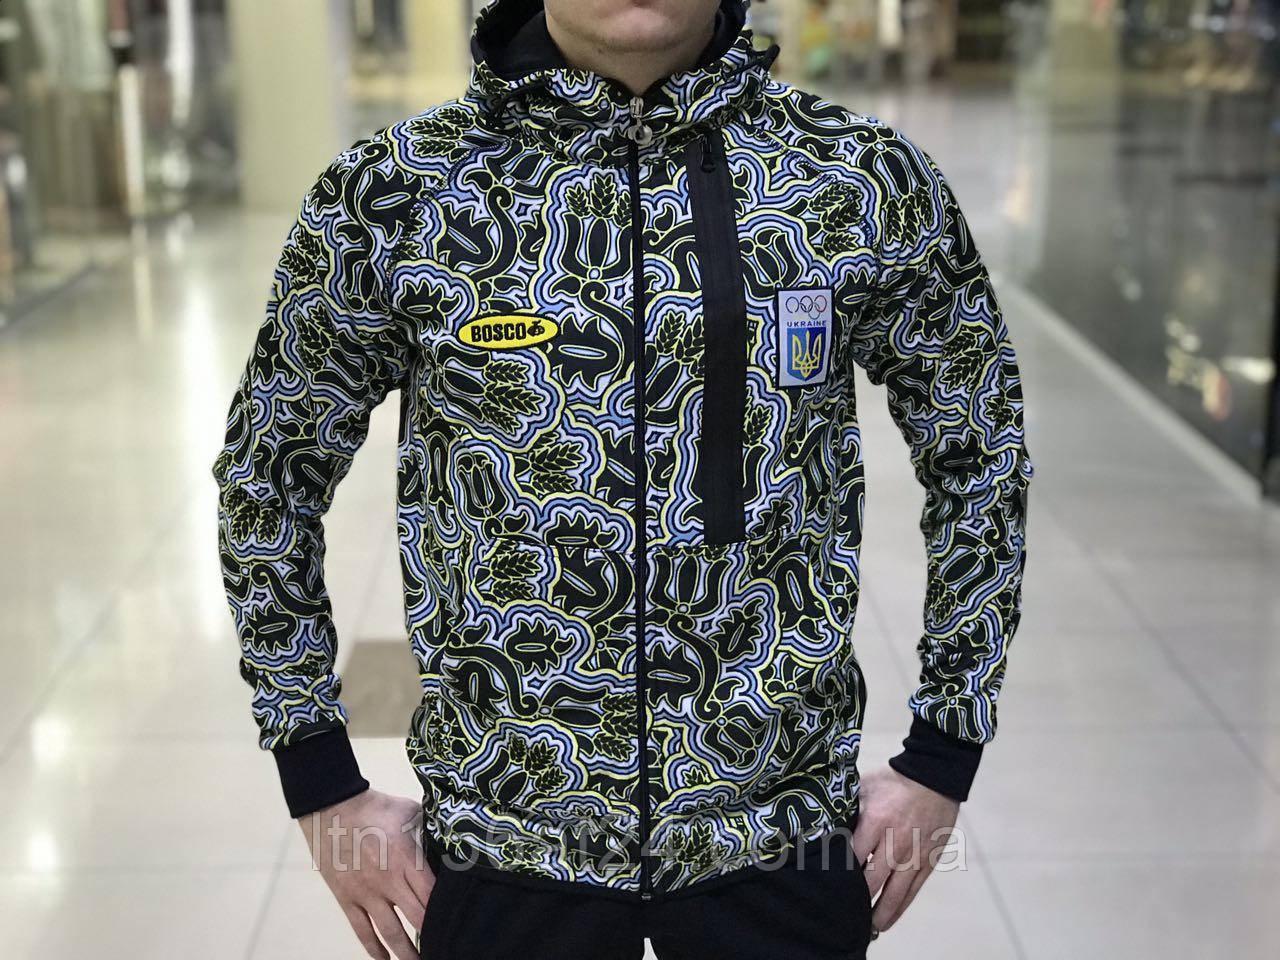 Спортивный костюм BOSCO SPORT UKRAINE. БОСКО СПОРТ УКРАИНА.Спортивные костюмы BOSCO SPORT УКРАИНА.